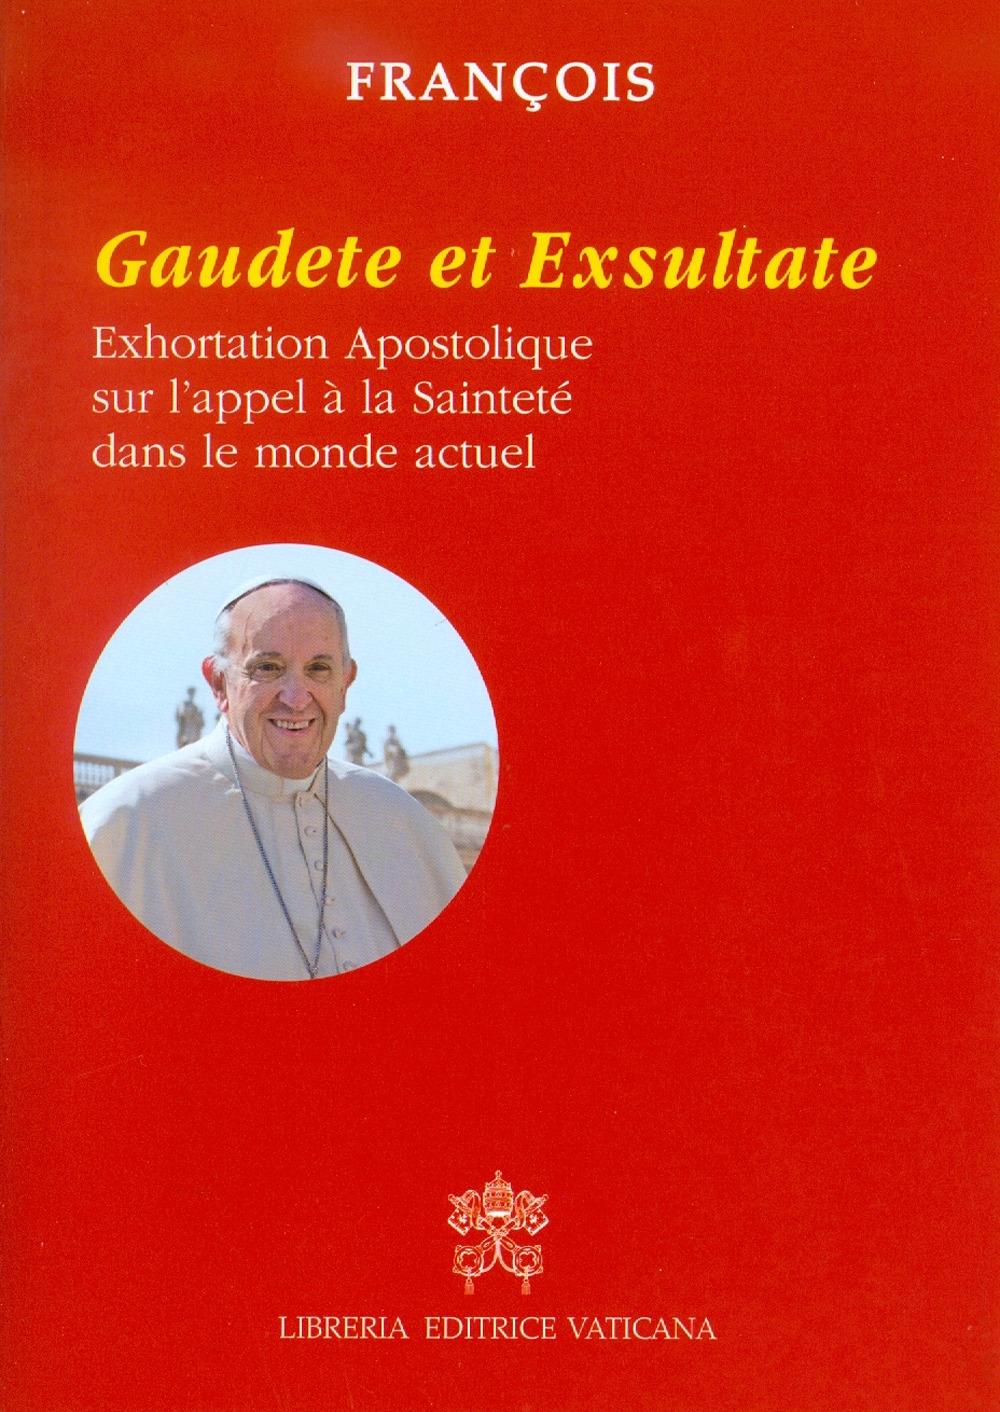 Gaudete et exsultate. Exhortation apostolique sur l'appel à la sainteté dans le monde actuel